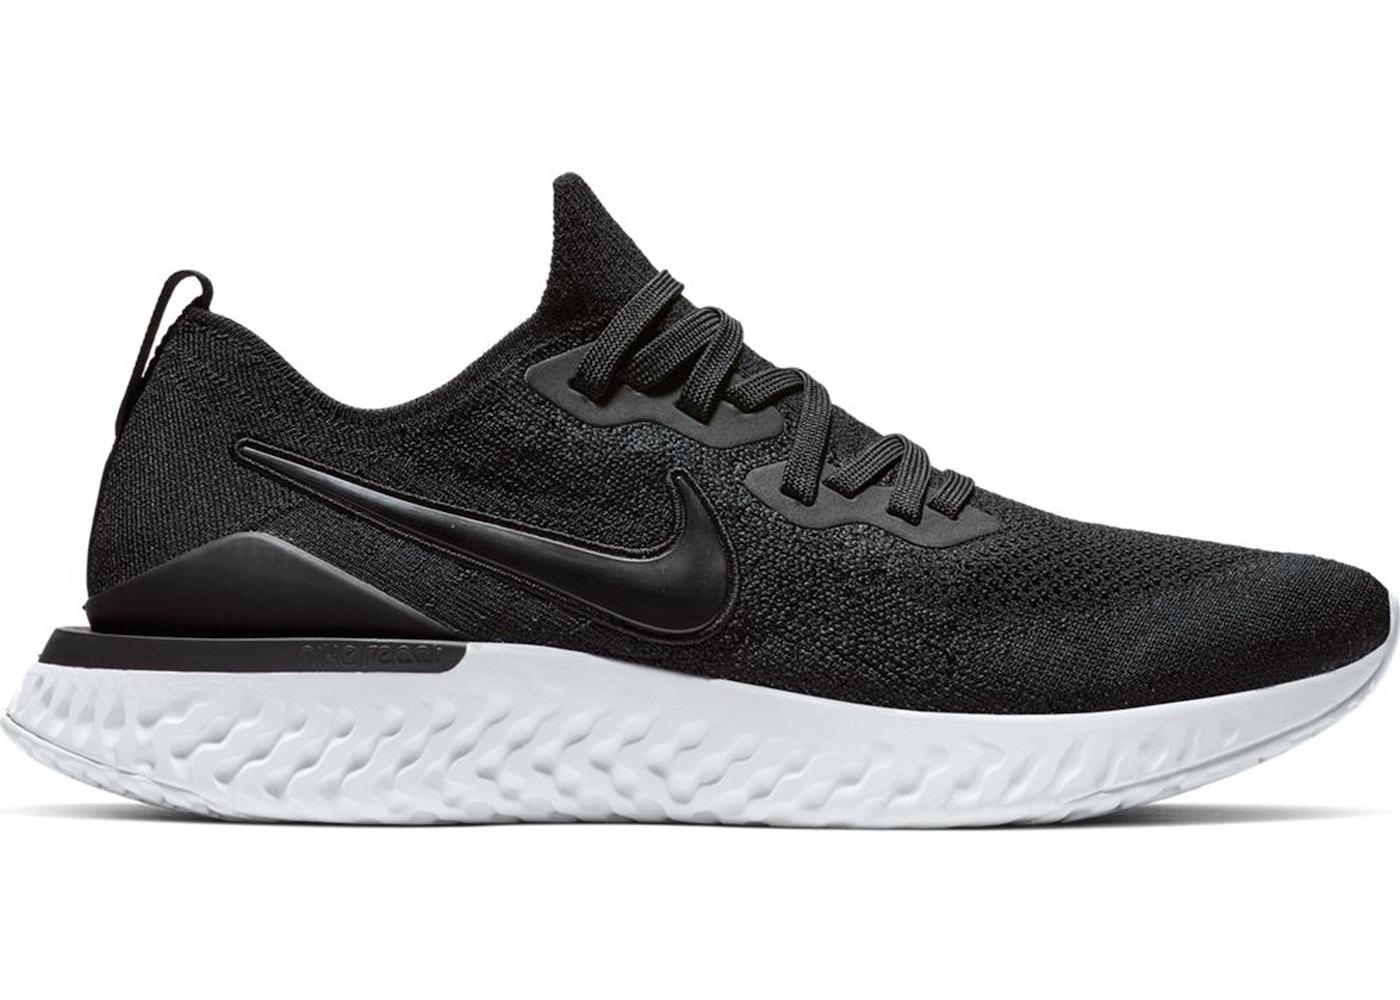 Nike Epic React Flyknit 2 Black White - BQ8928-002